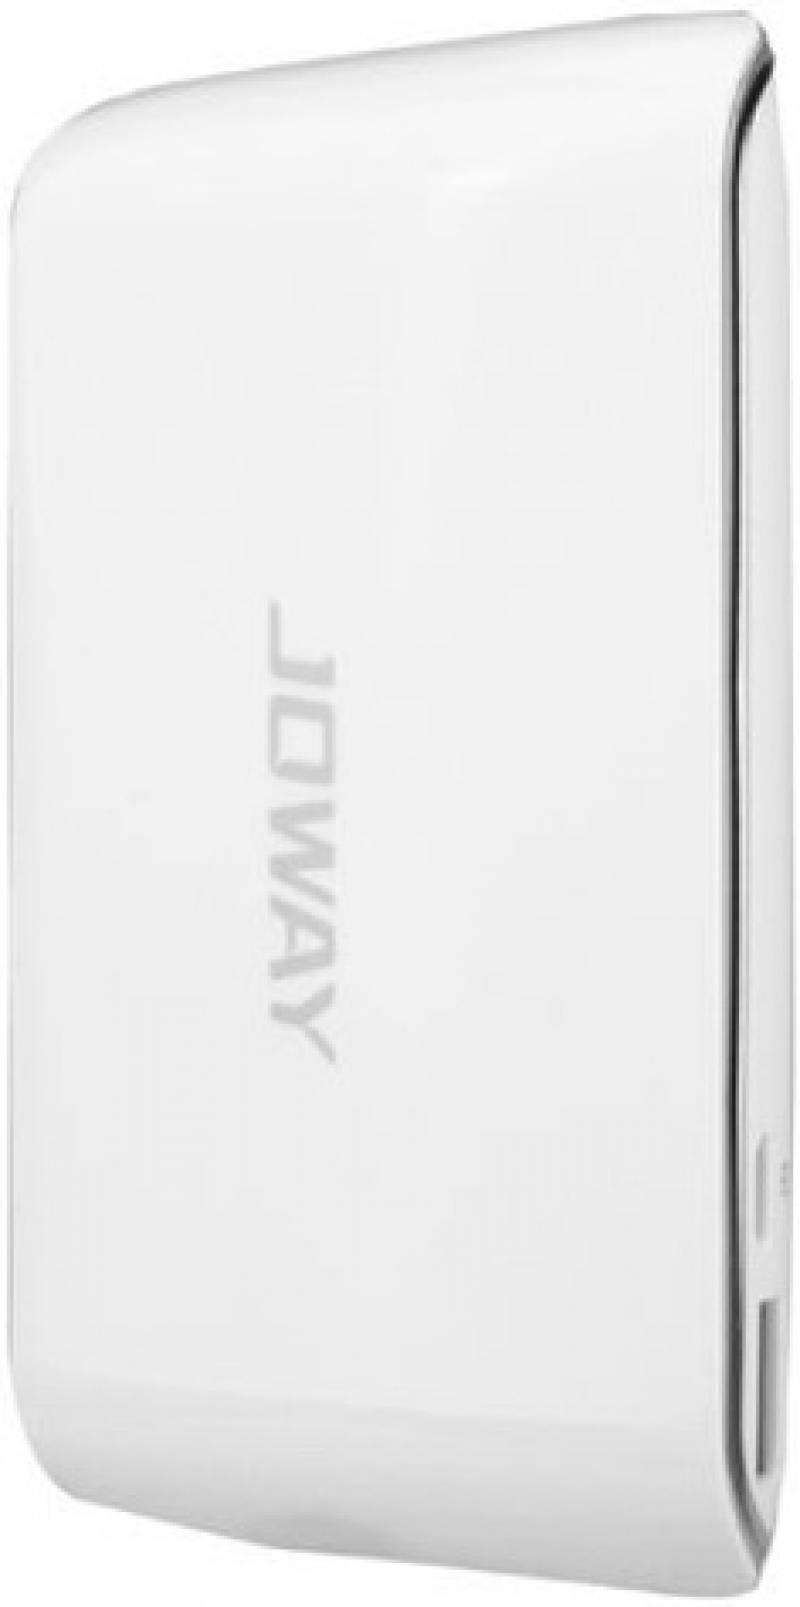 Внешний аккумулятор Joway JP29 6000 mAh белый аккумулятор